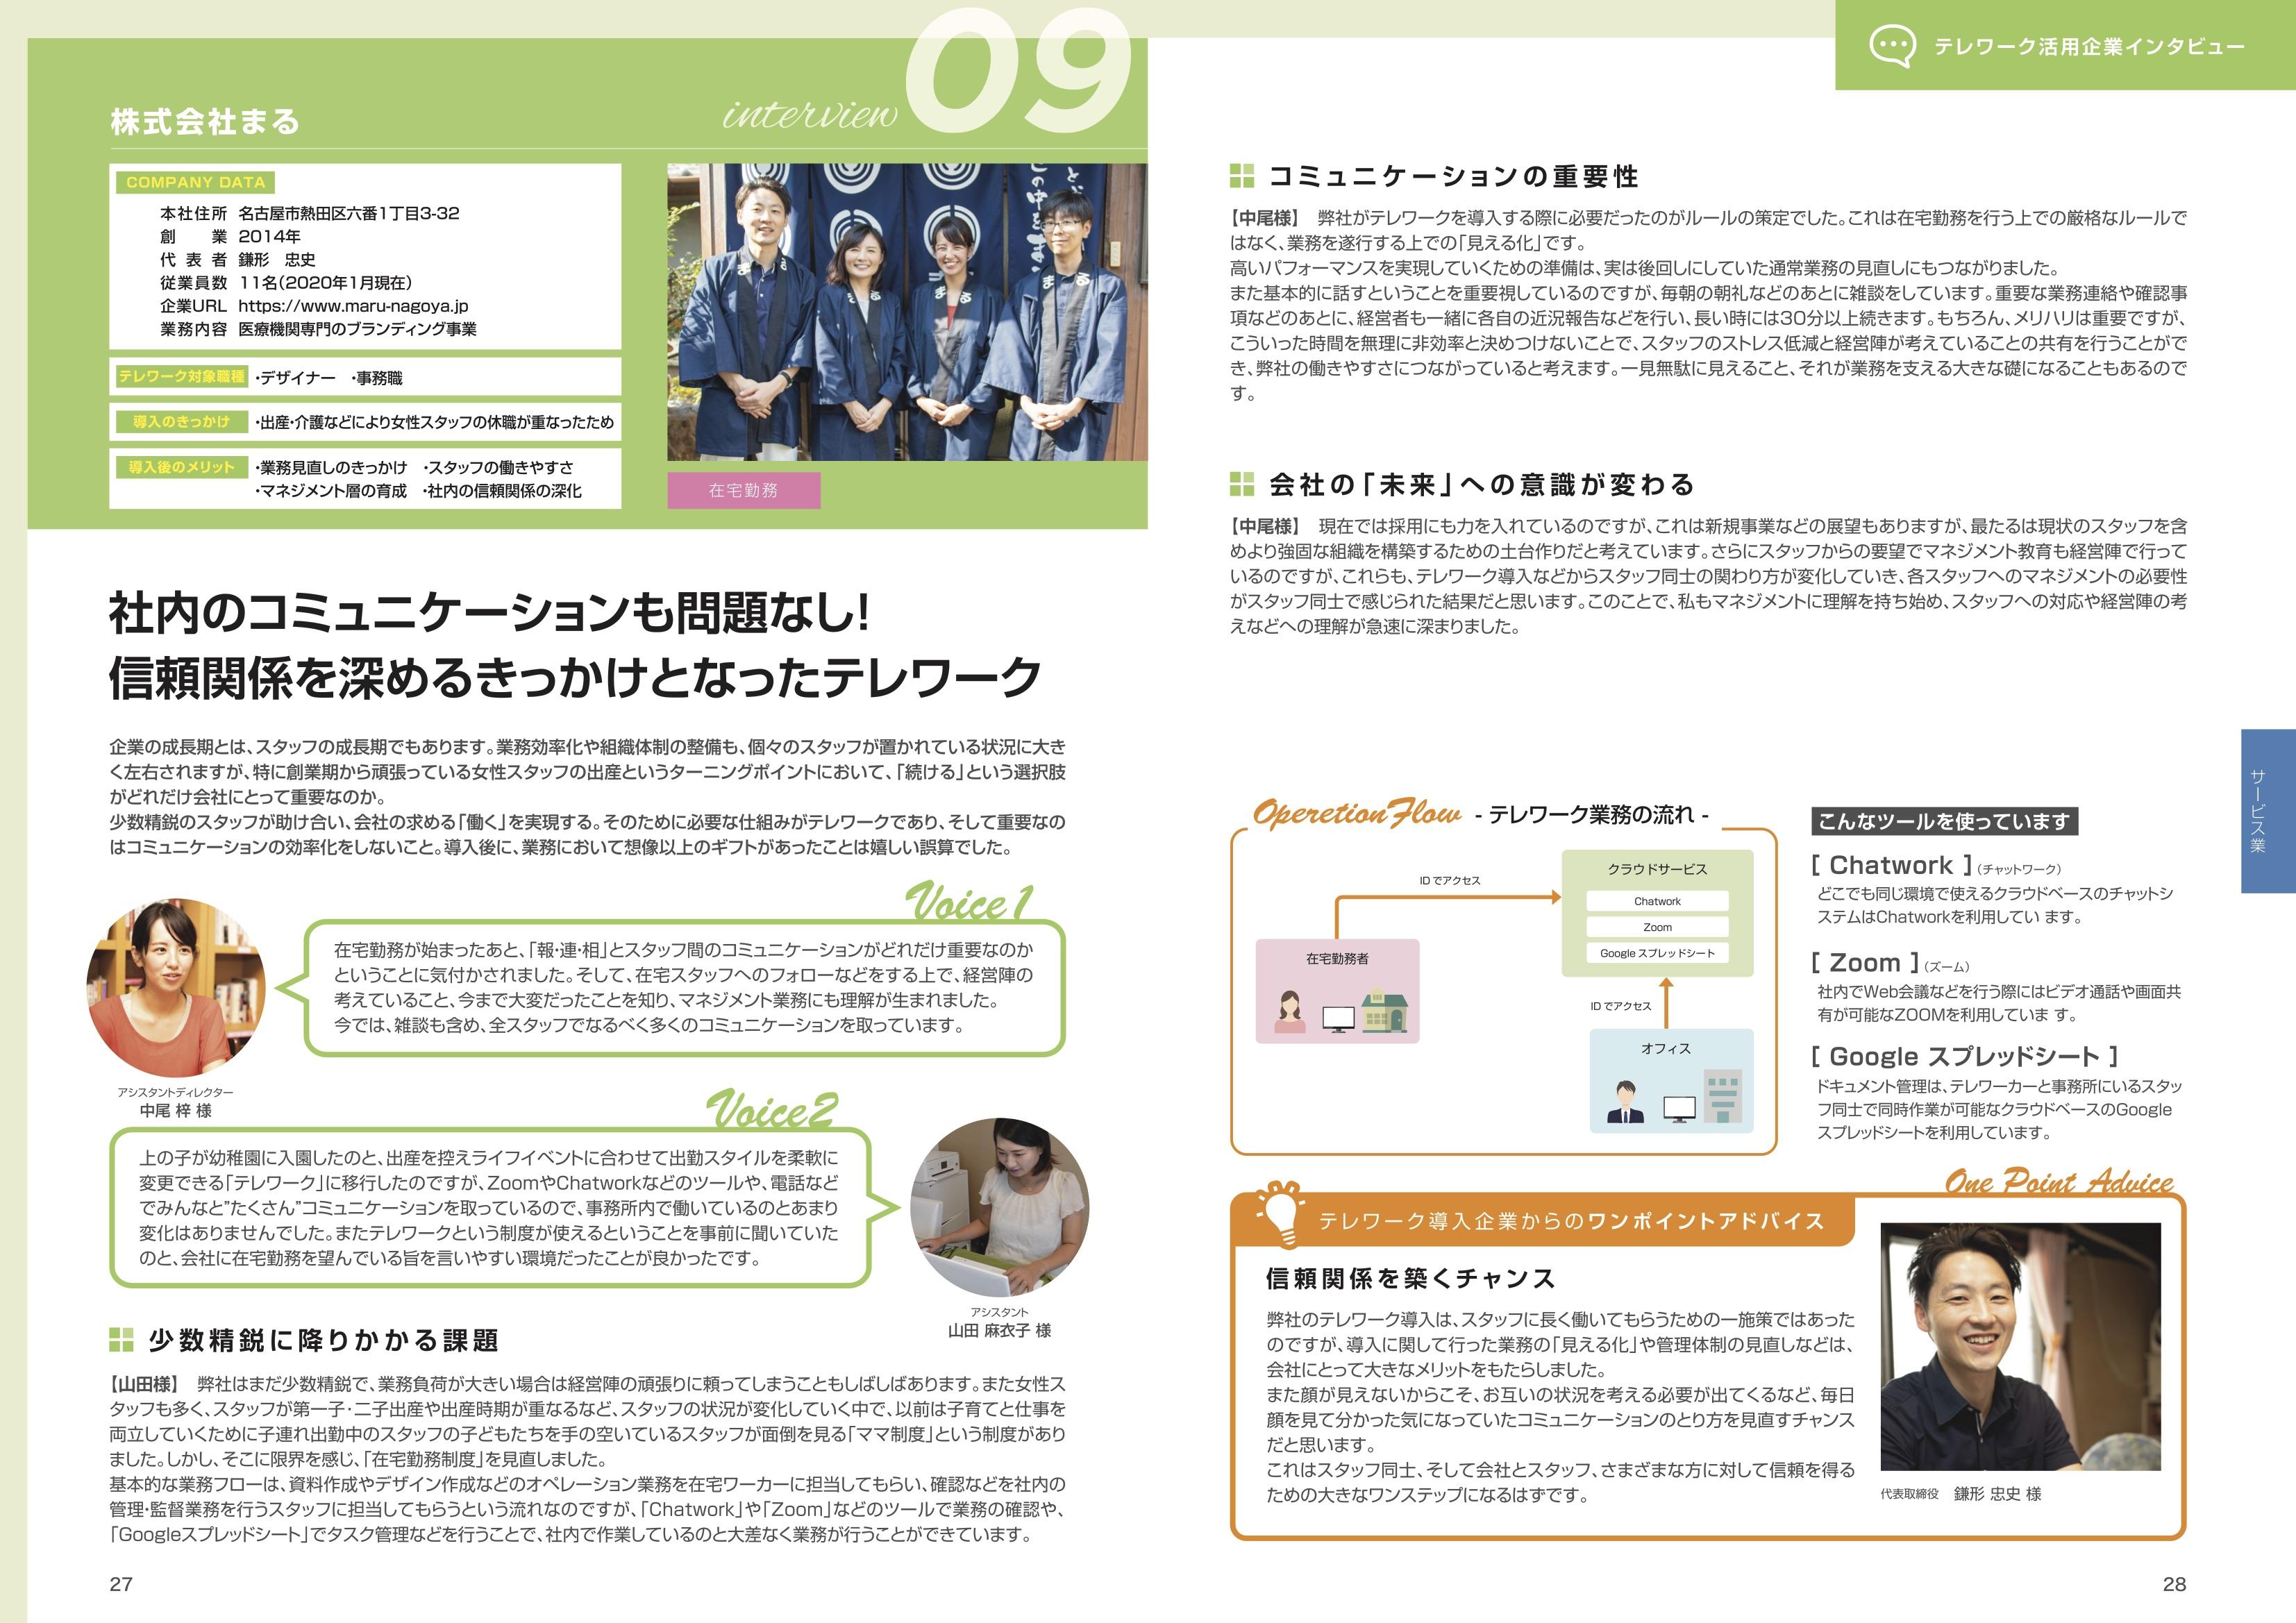 【取材】テレワーク活用企業インタビューが掲載されました